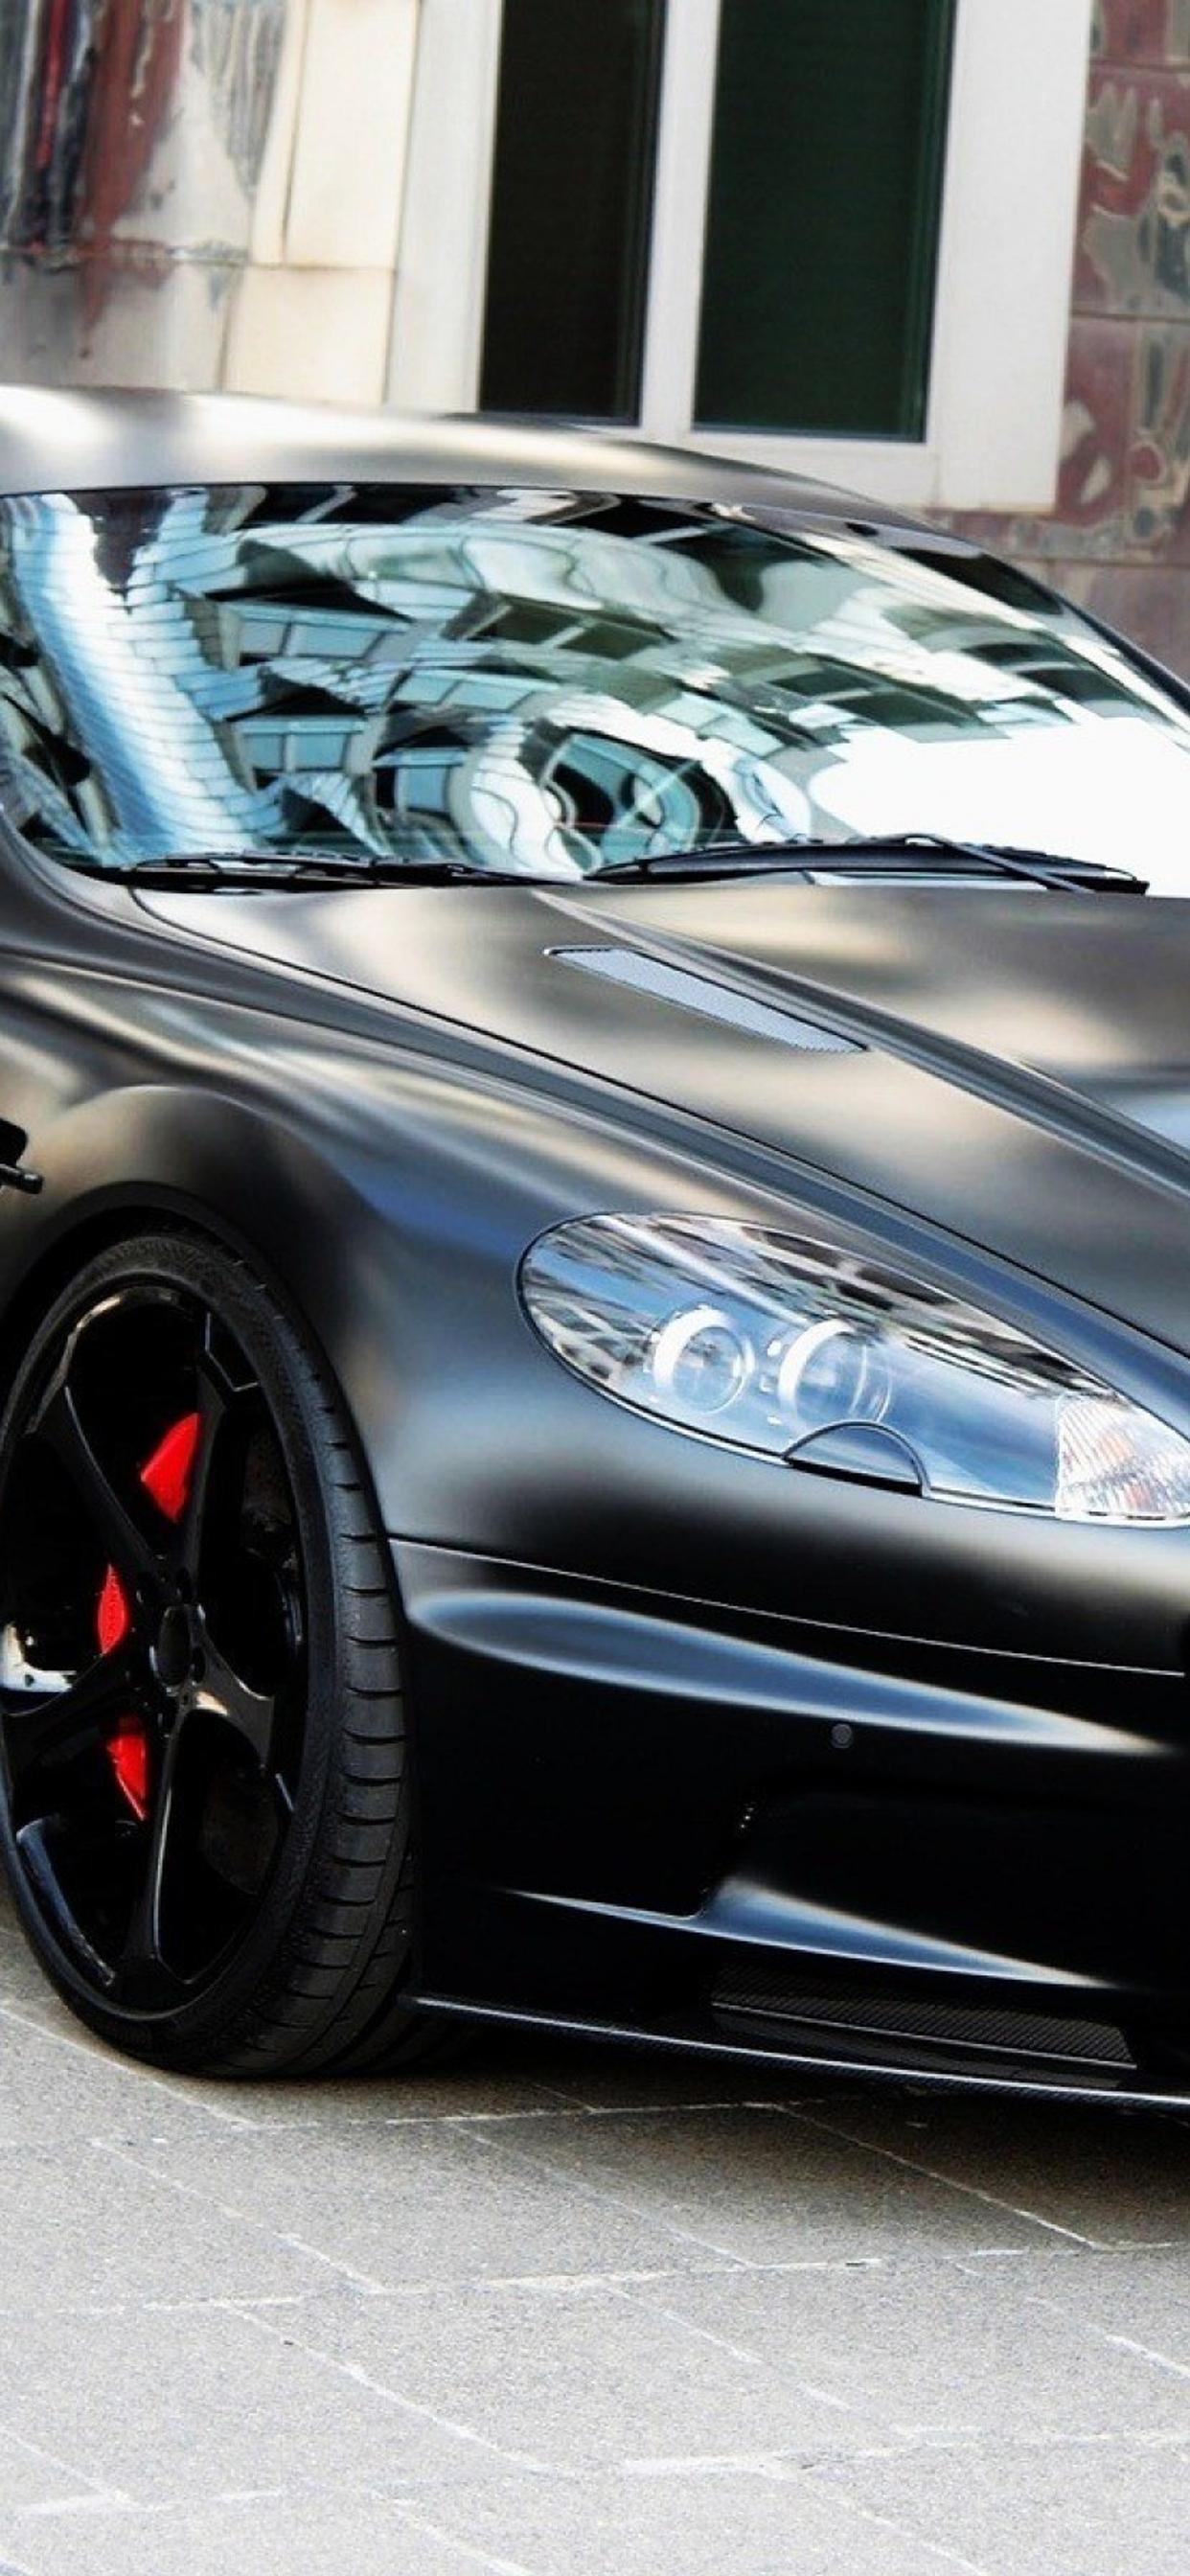 Black Aston Martin Db9 Hd Wallpaper